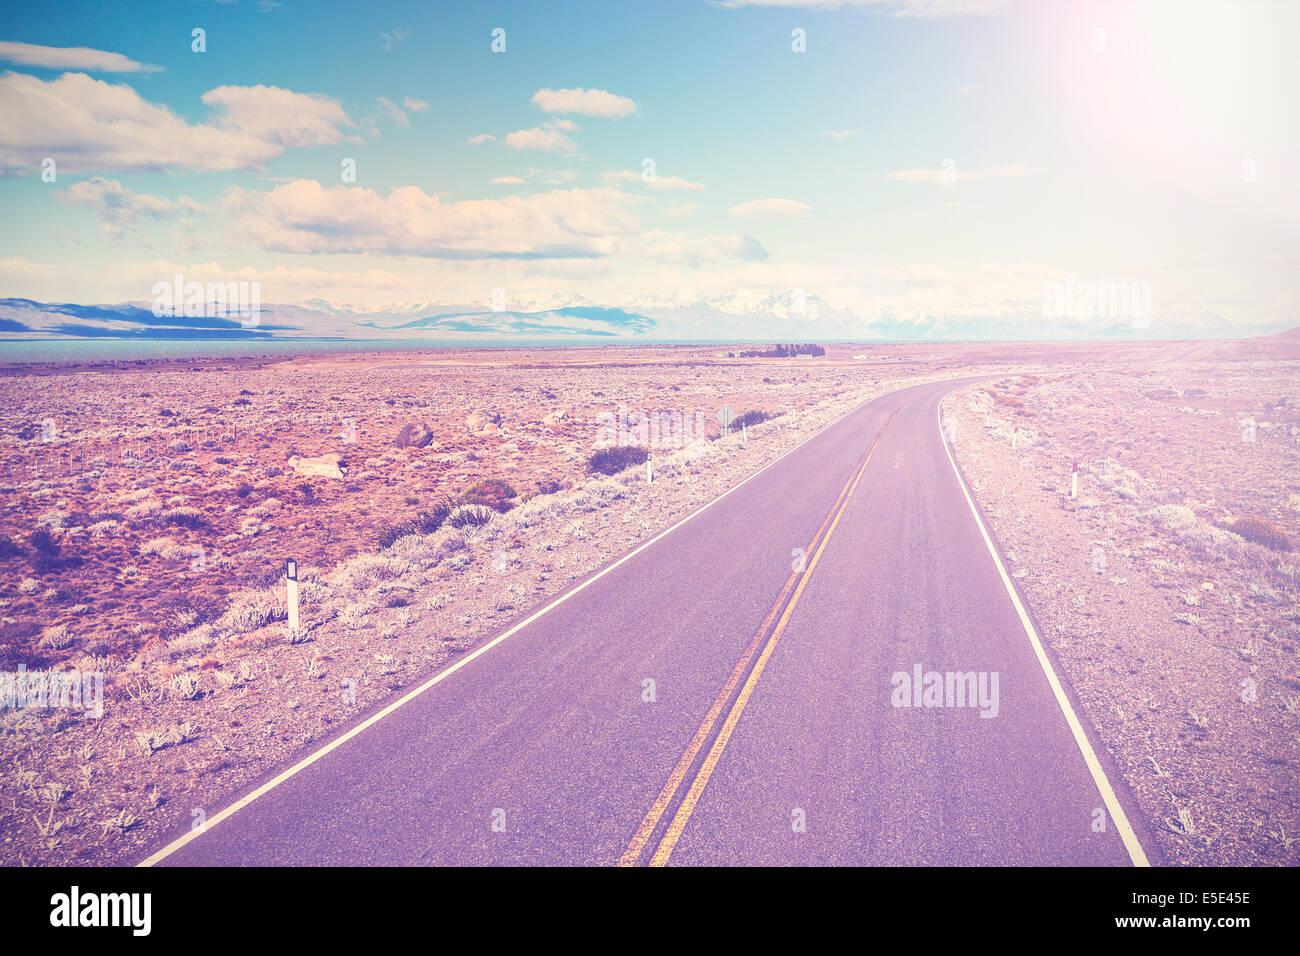 País por carretera de asfalto con iluminación posterior, vintage style Imagen De Stock